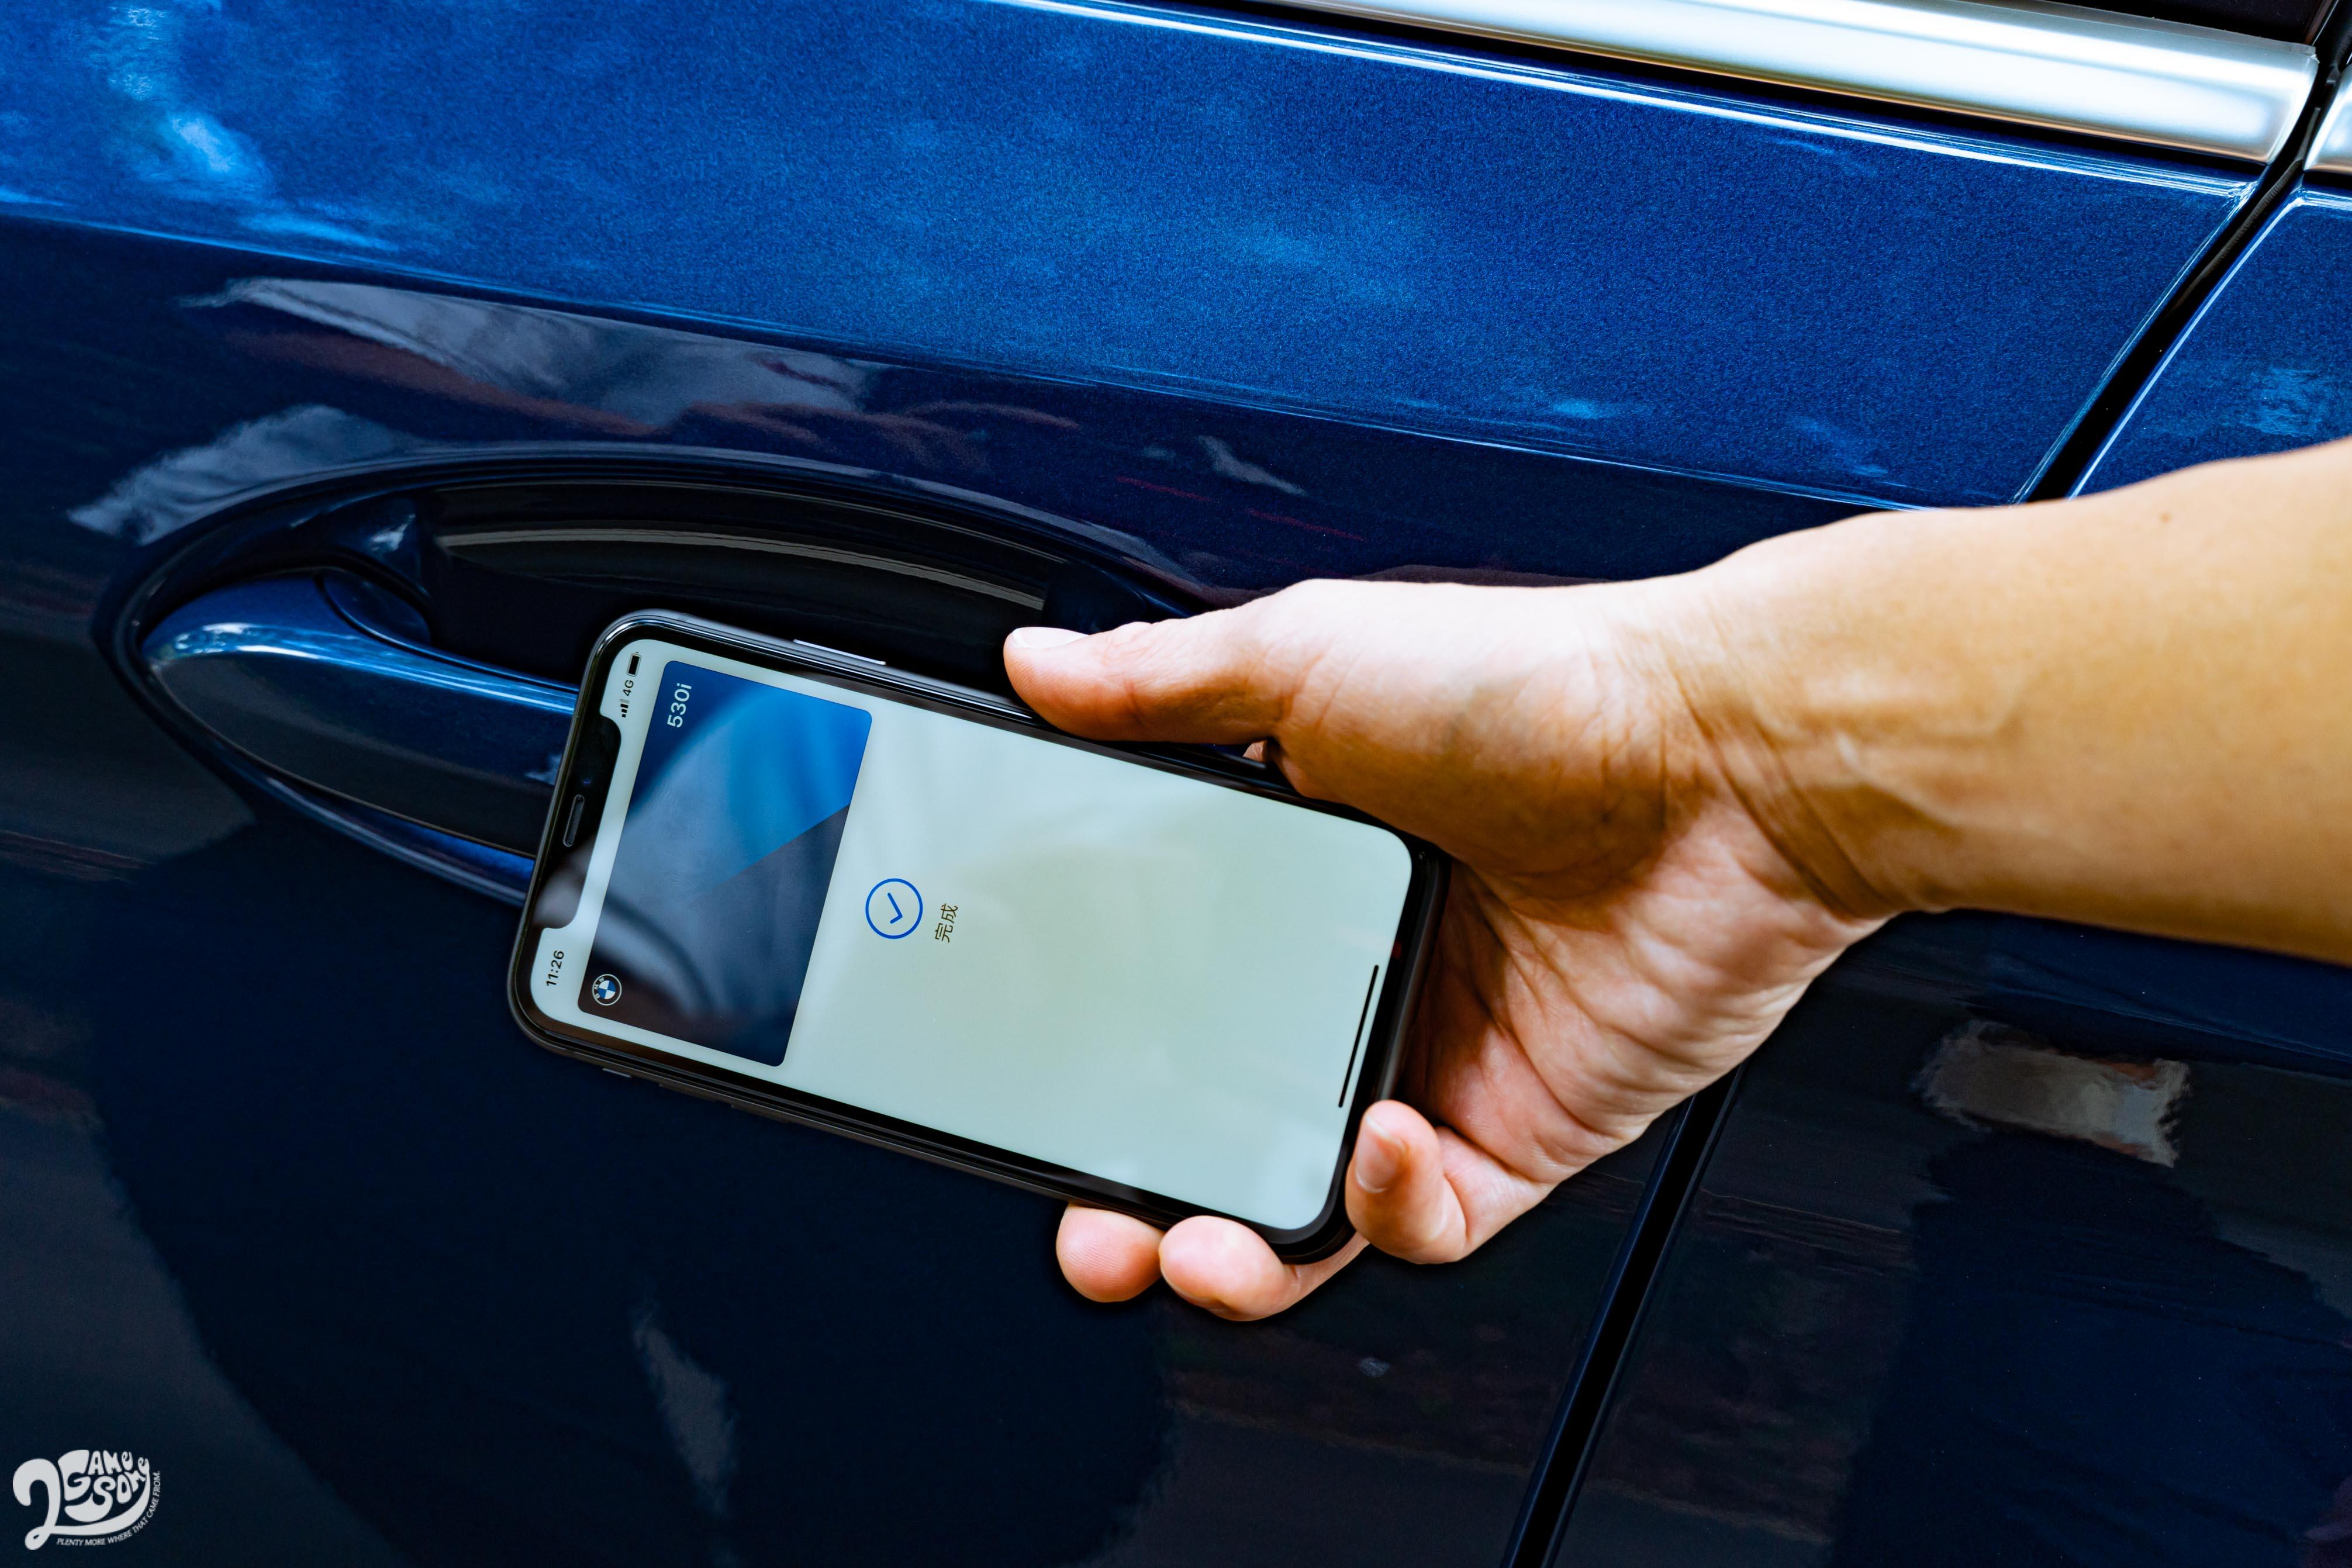 智慧 Comfort Access 免鑰匙系統新增讓 iPhone 變成車鑰匙的 Apple CarKey 功能。